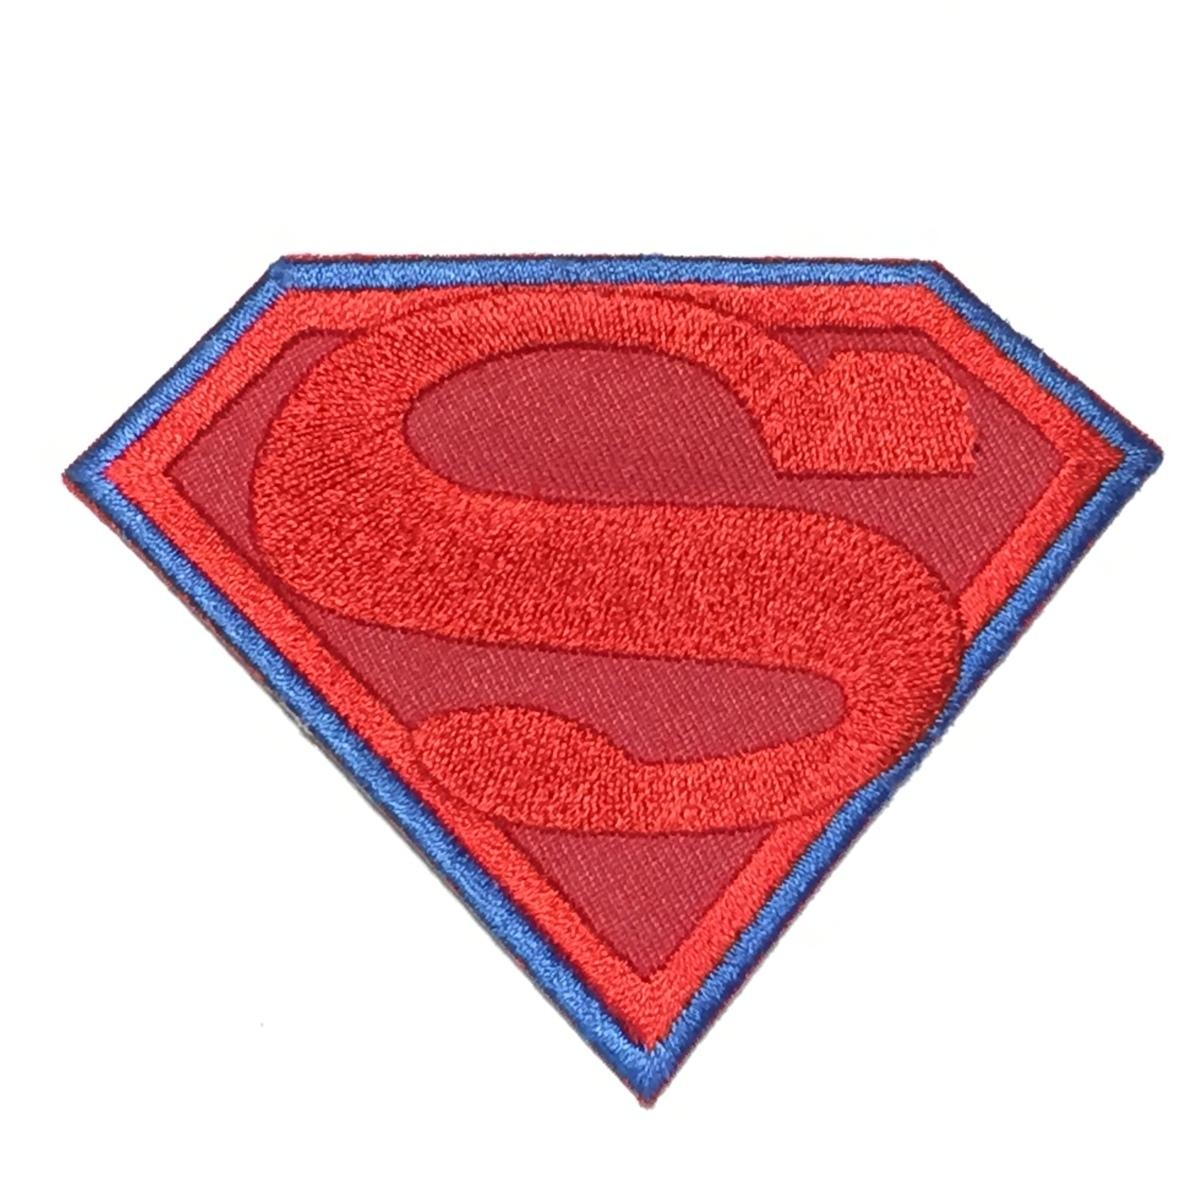 112 Superman スーパーマン ロゴ アイロン ワッペン リペア カスタム 刺繍ワッペン アメコミ ヒーロー_画像1